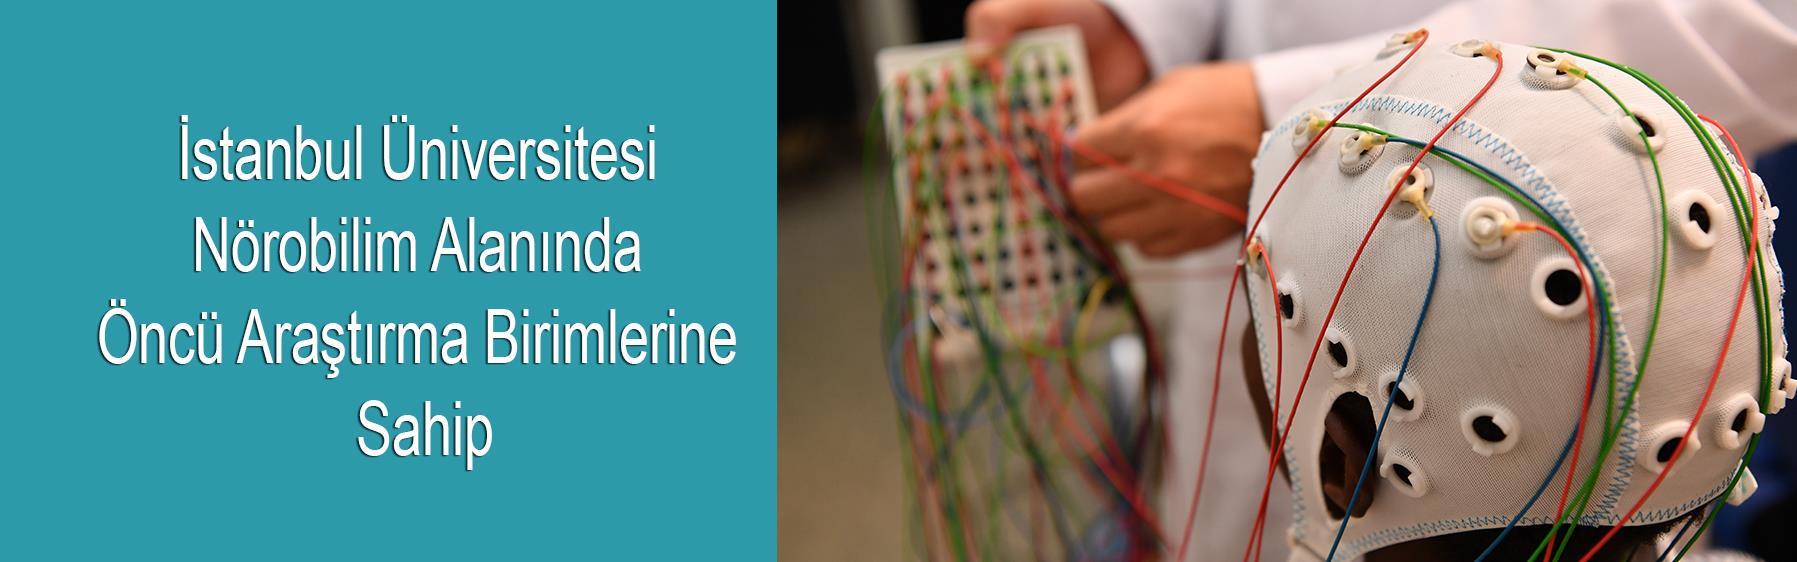 İstanbul-Üniversitesi-Nörobilim-Alanında-Öncü-Araştırma-Birimlerine-Sahip